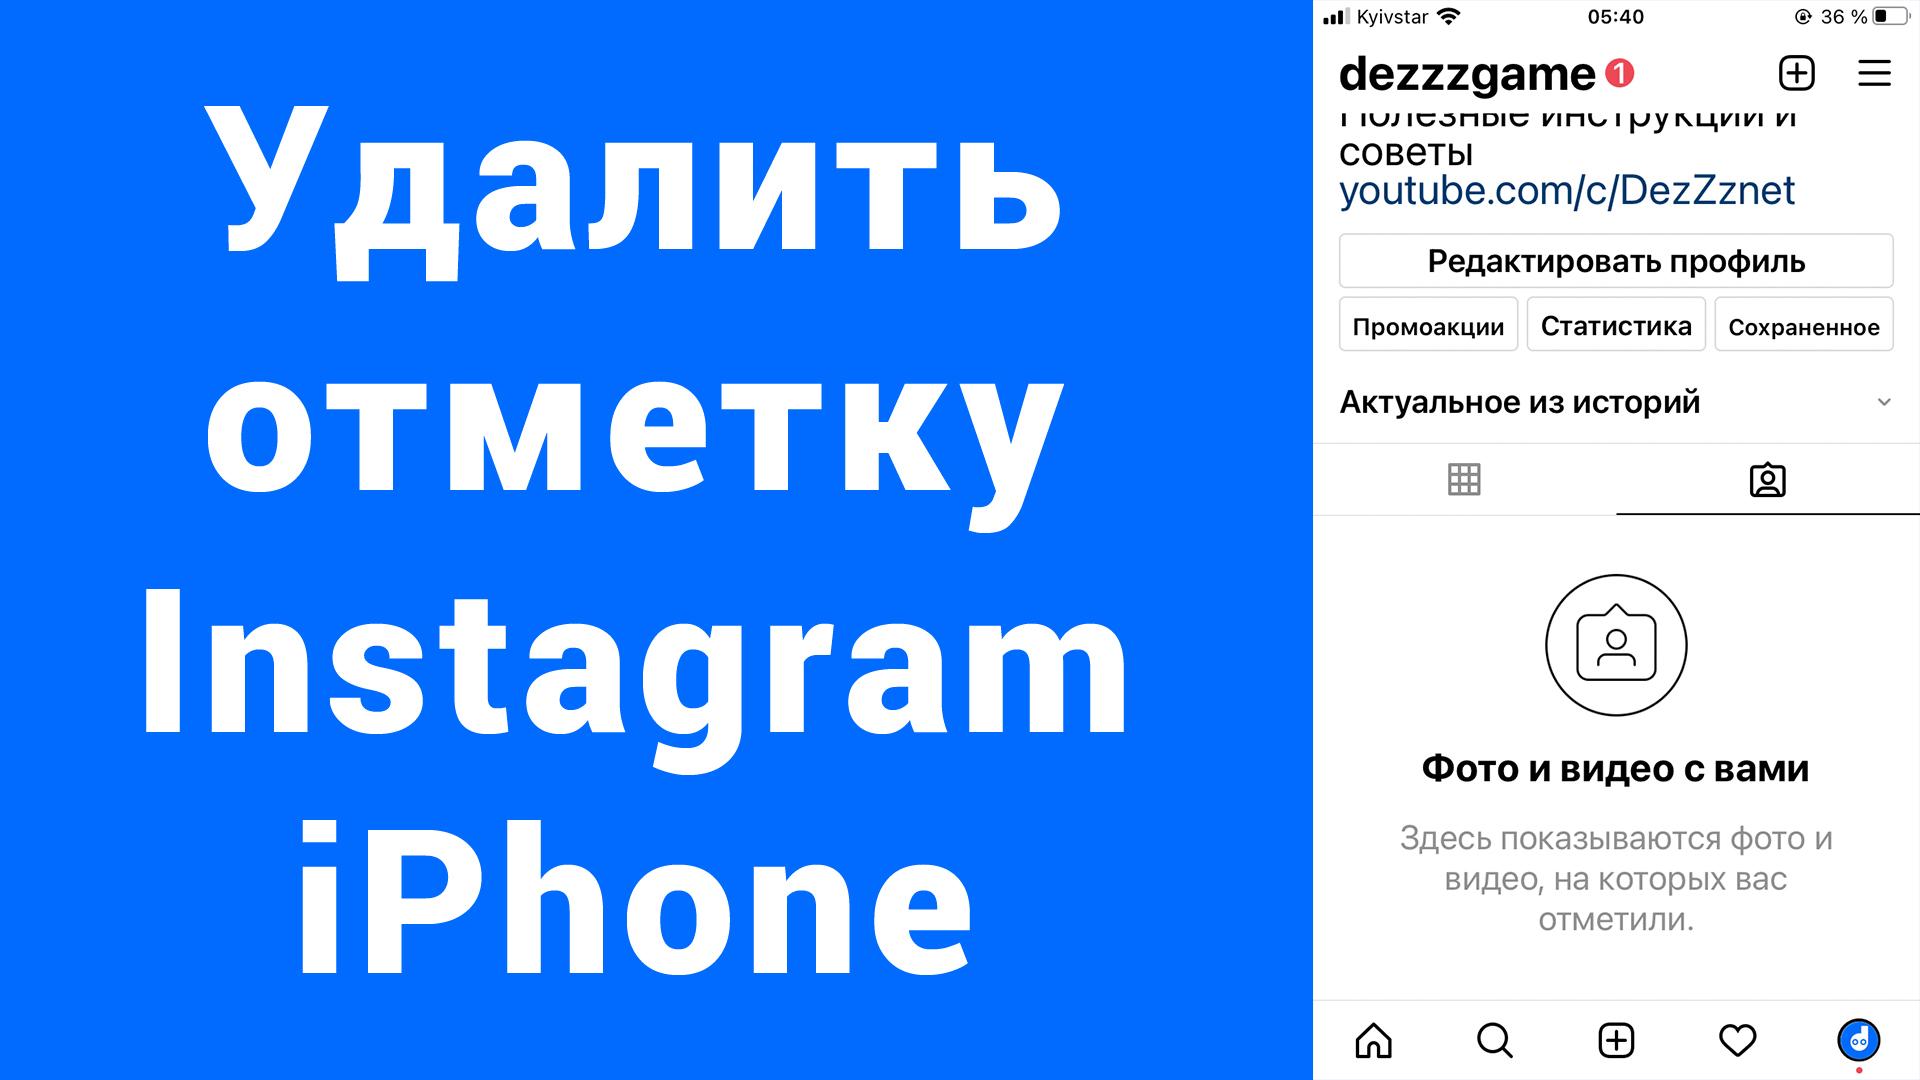 Как удалить отметку и отмеченные фото Инстаграм iPhone